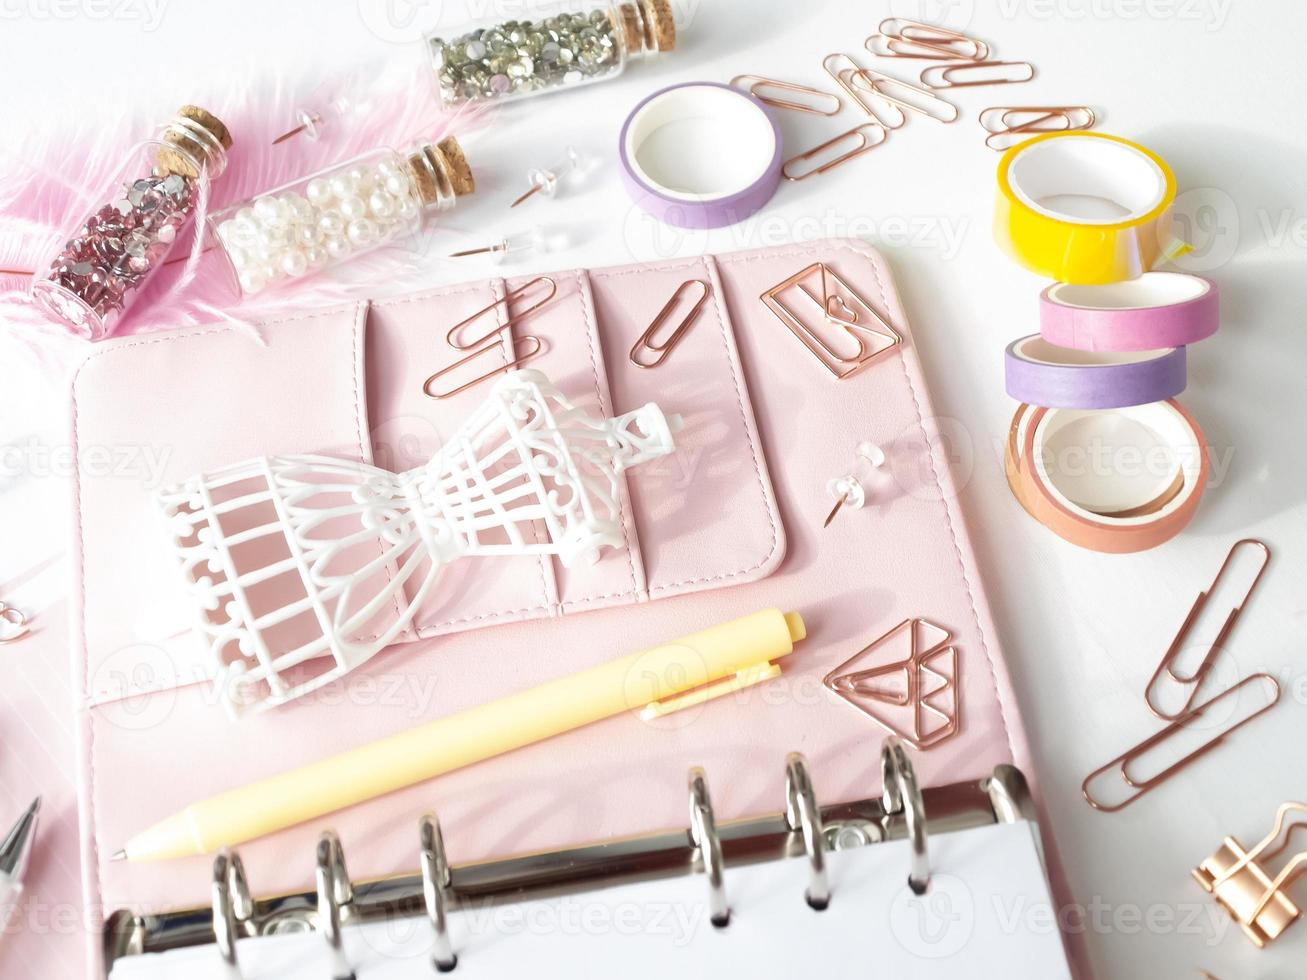 bovenaanzicht van een roze planner met schattig briefpapier. roze glamourplanner met een wit paspopbeeldje. planner met open pagina's op een witte achtergrond en met mooie accessoires pennen, knopen, pinnen. foto